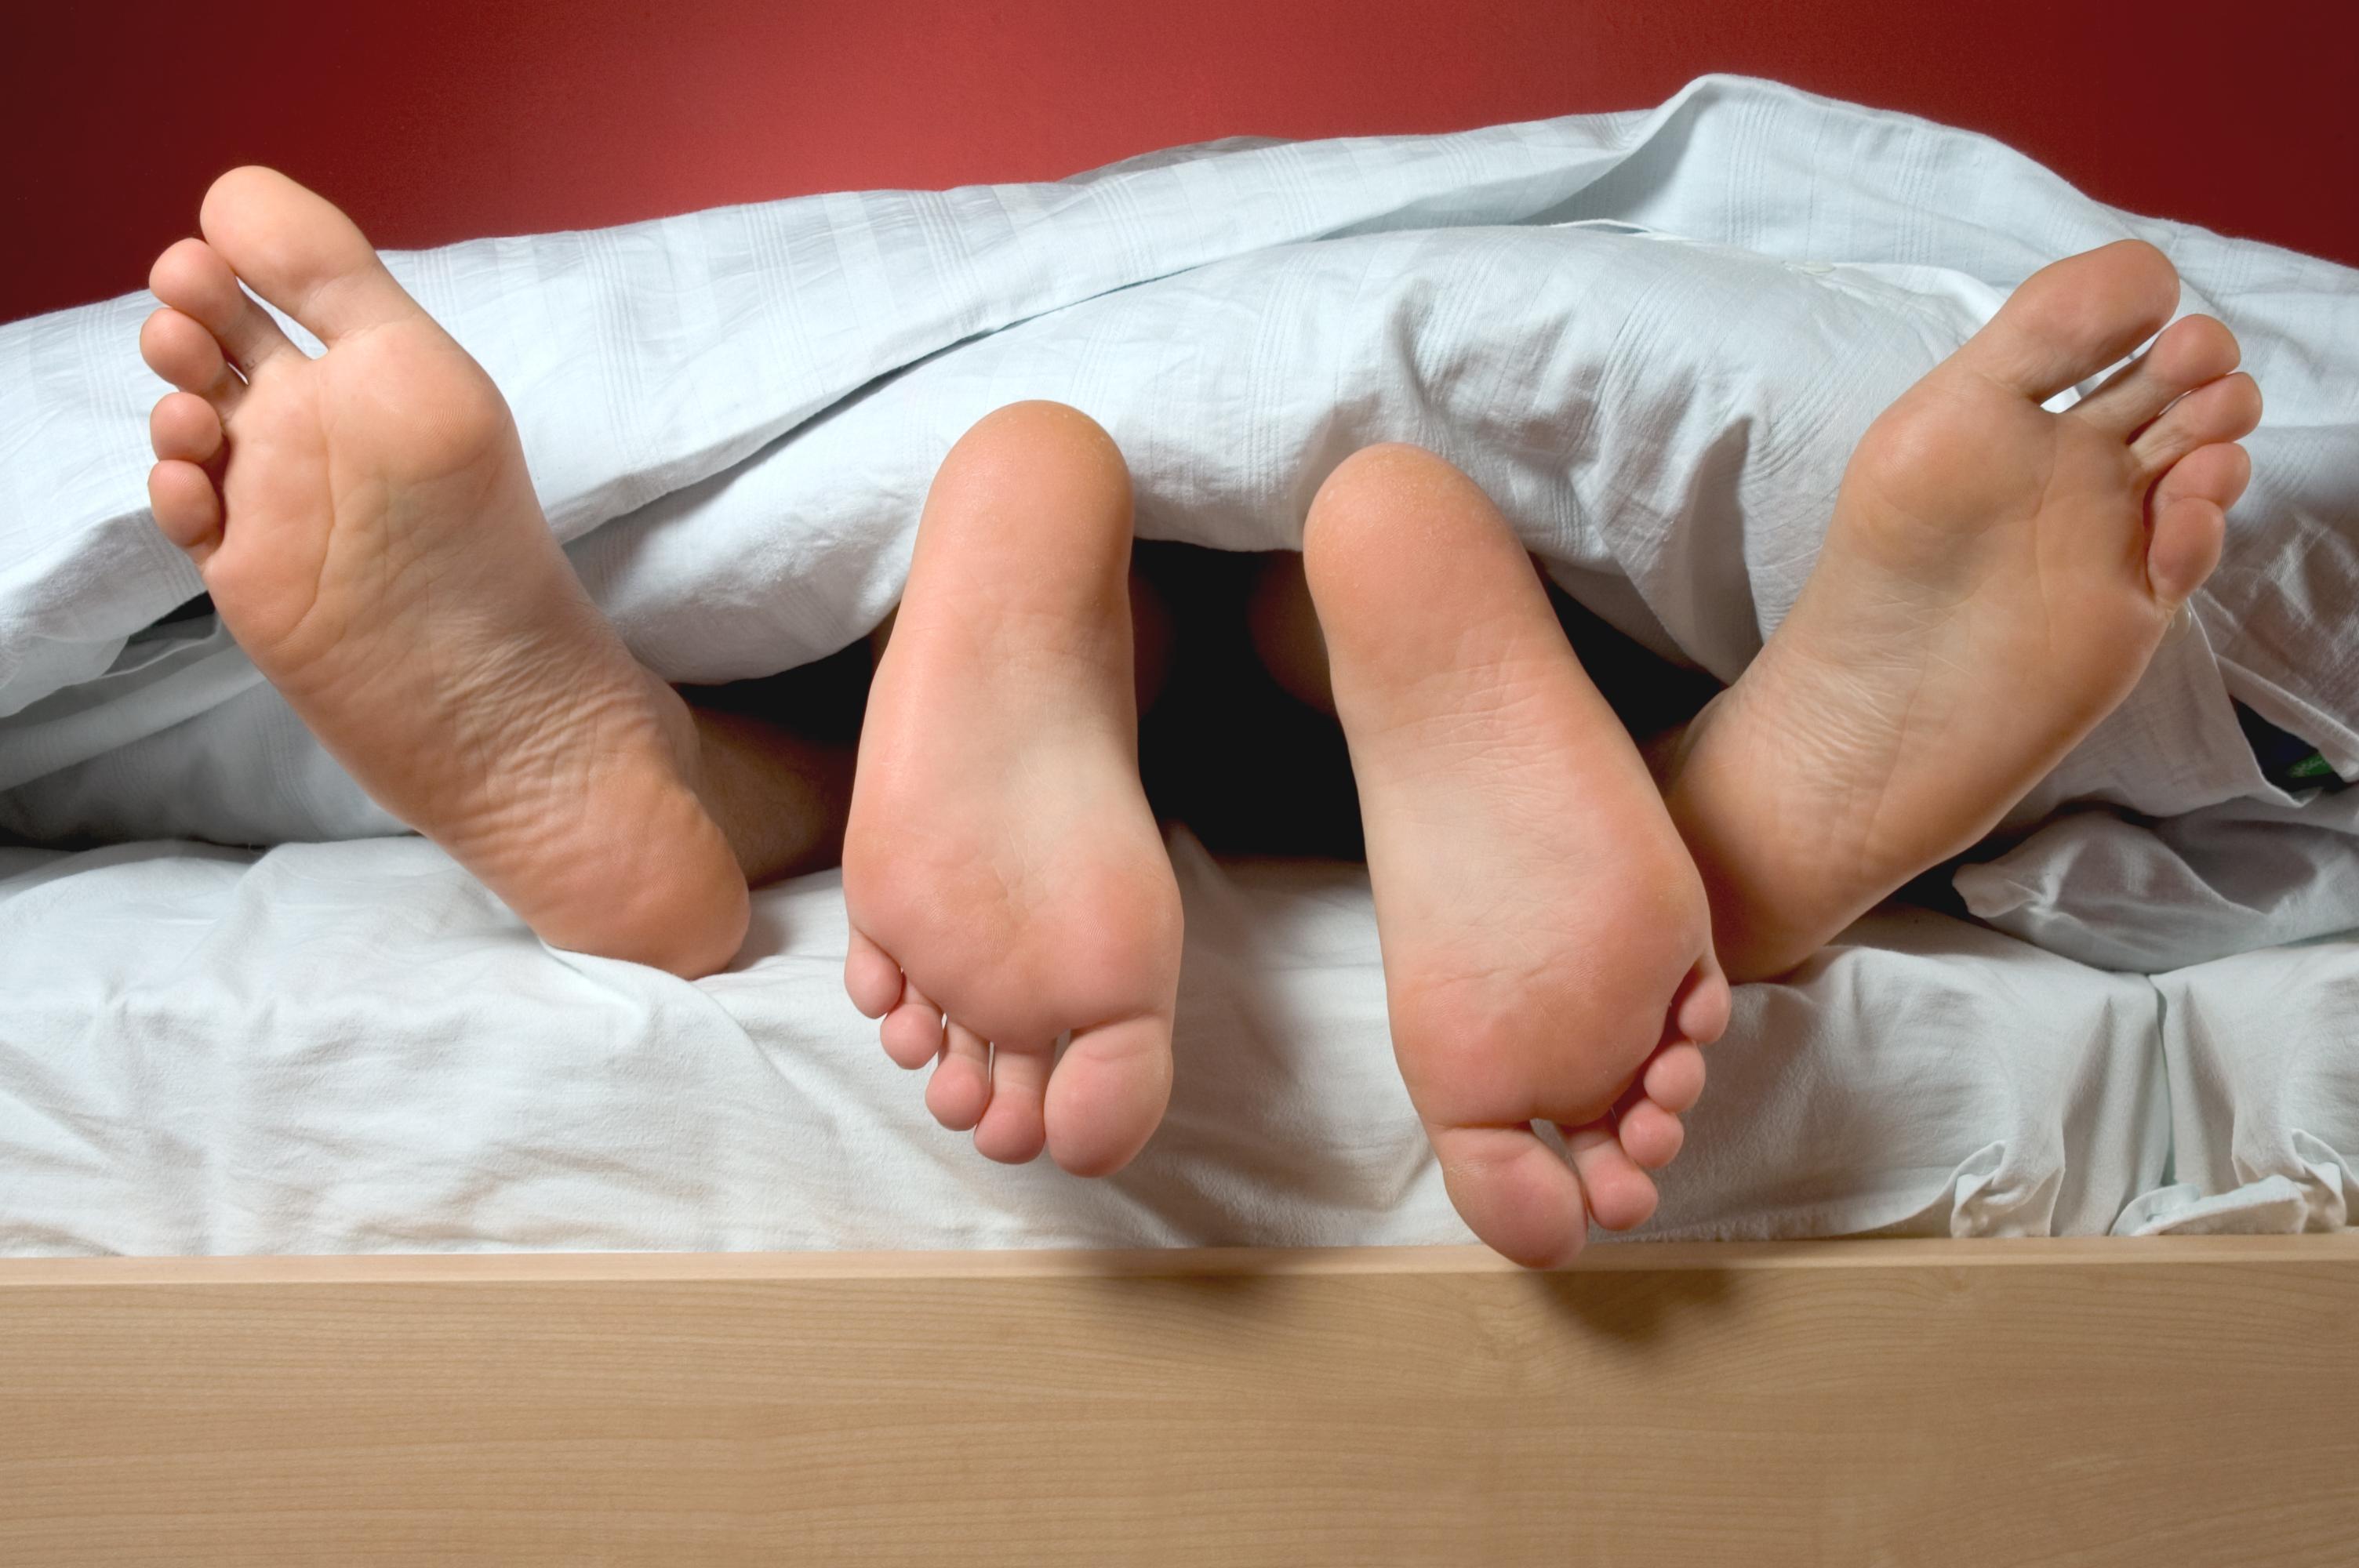 Många könssjukdomar ger små eller inga besvär vilket gör att de kan vara svåra att upptäcka.